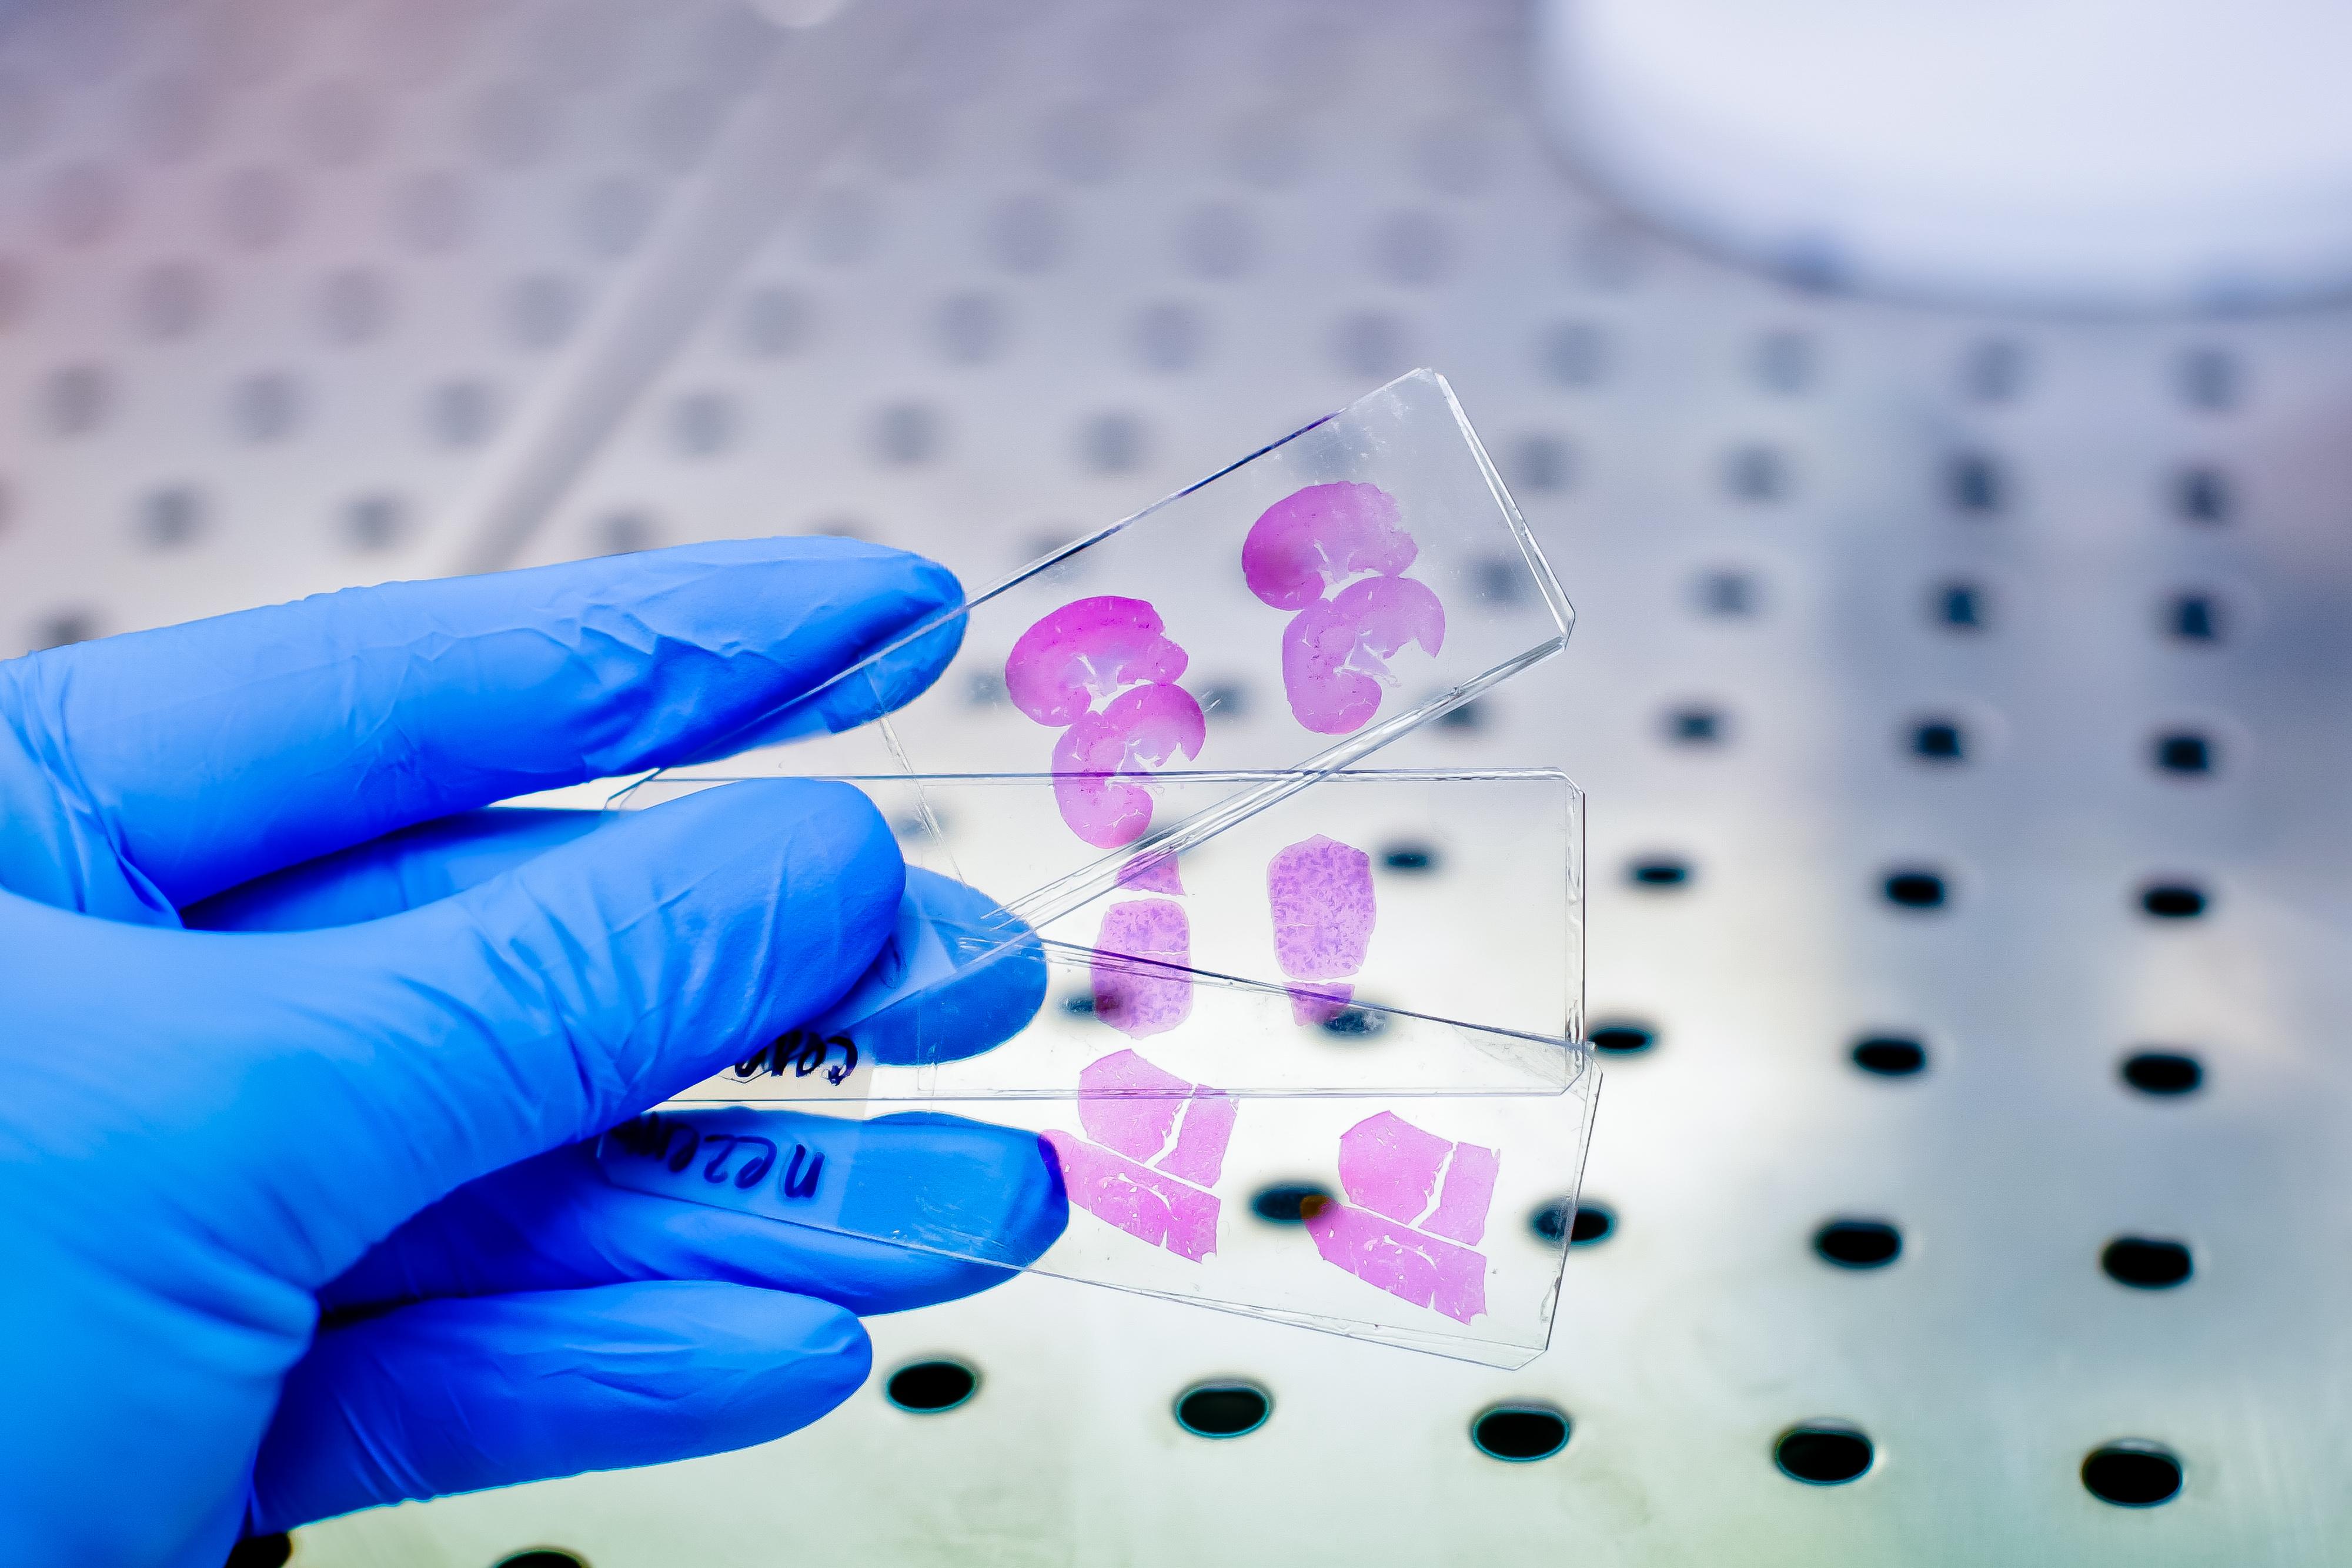 Une association forte est observée entre des tests hépatiques anormaux et la sévérité de la maladie COVID-19 (Visuel Adobe Stock 197669370)